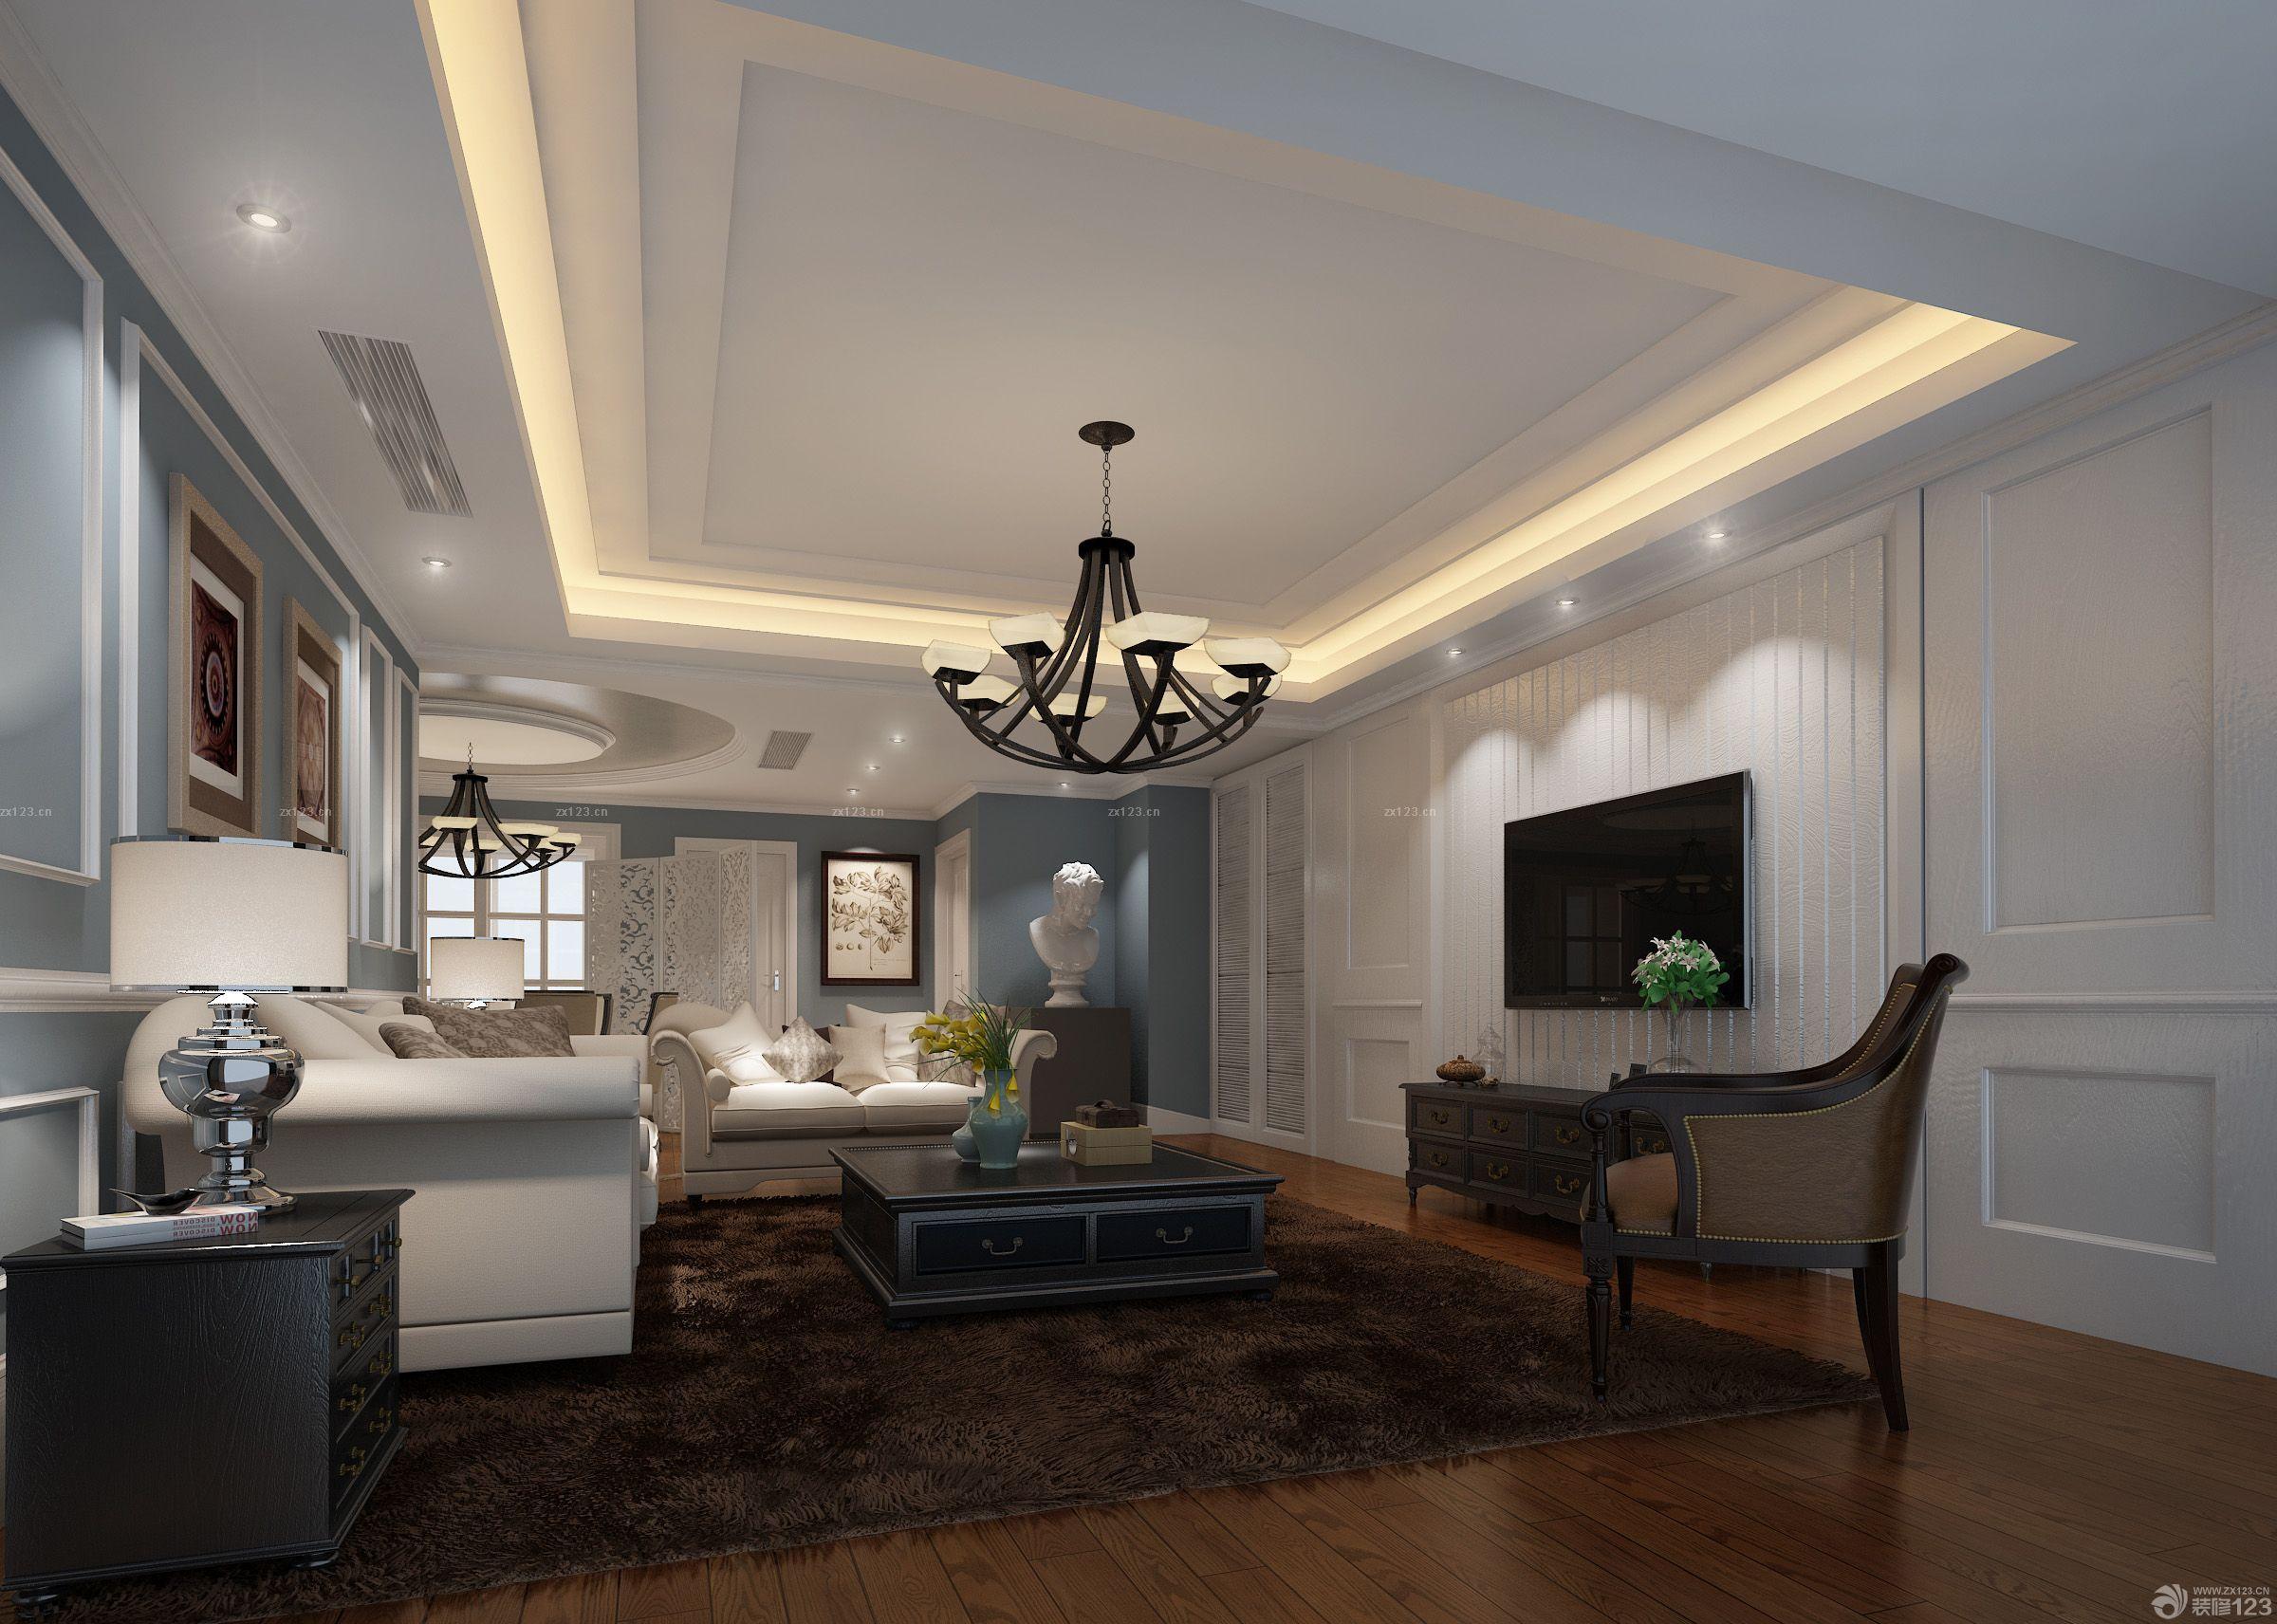 美式家装长方形客厅室内吊顶简约吊灯图